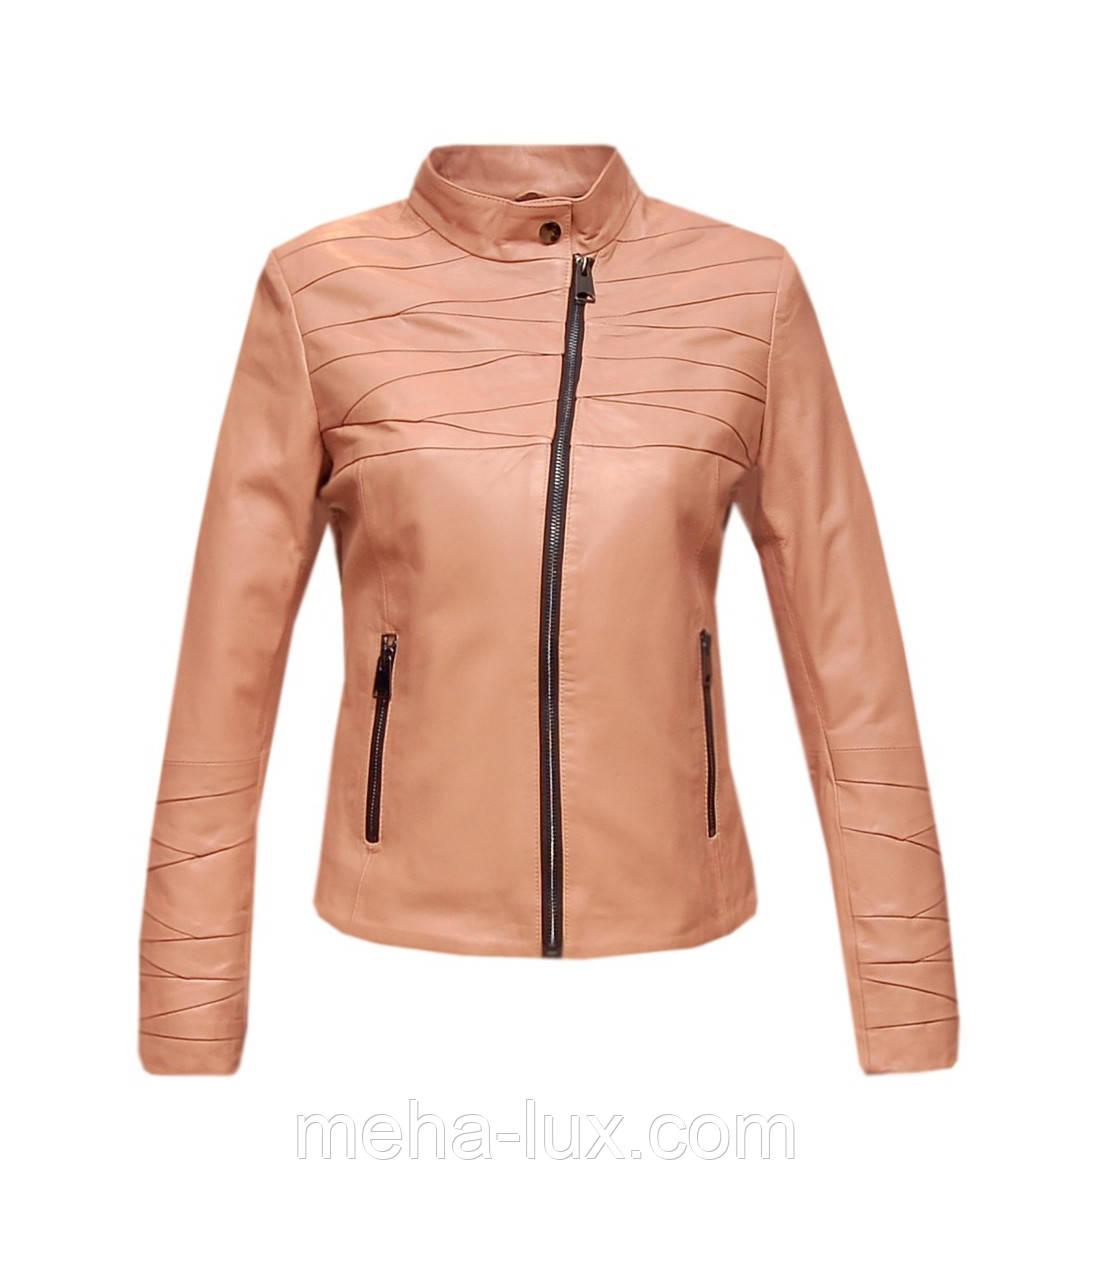 Куртка косуха женская кожаная Leonardo короткая розовая